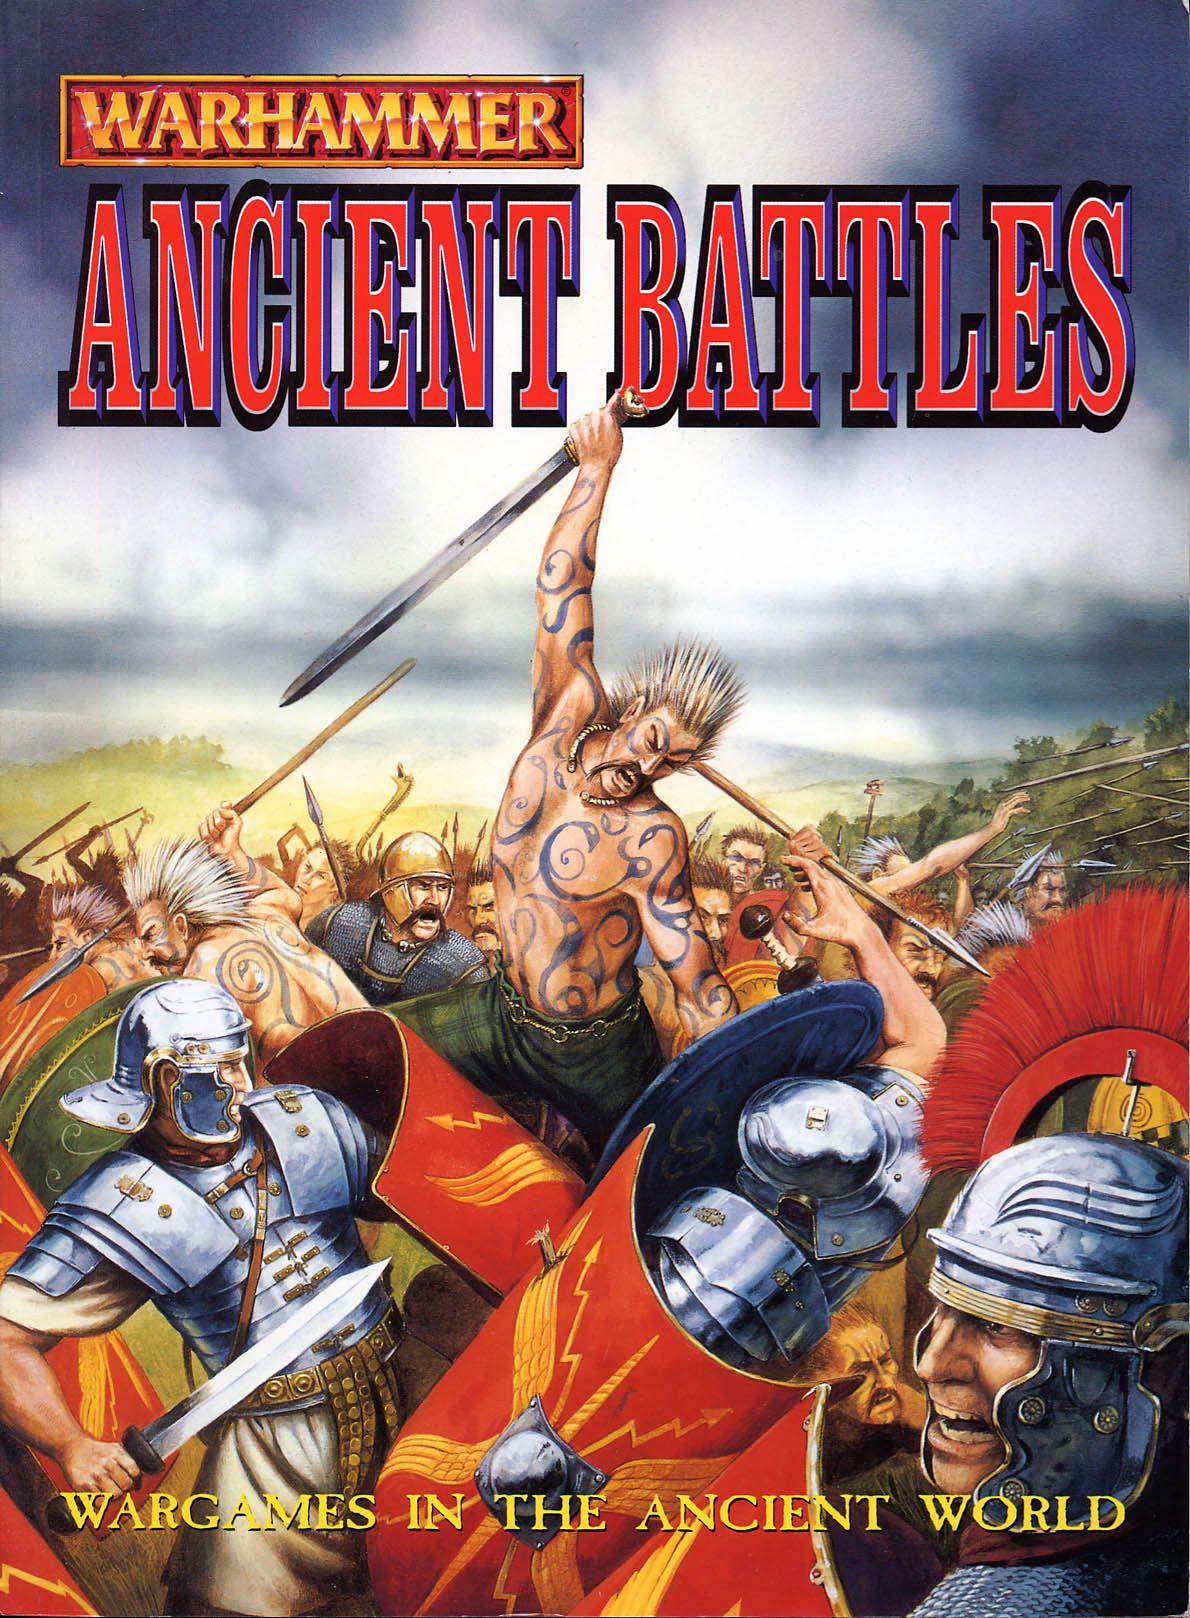 Warhammer Ancient Battles Ancient, Warhammer fantasy